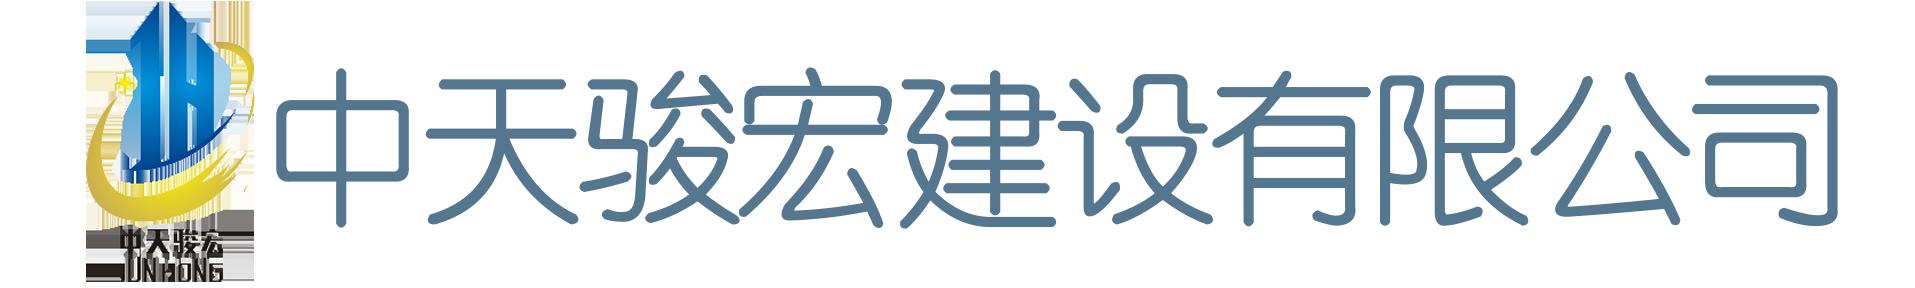 河南大发国际娱乐网站工程有限公司